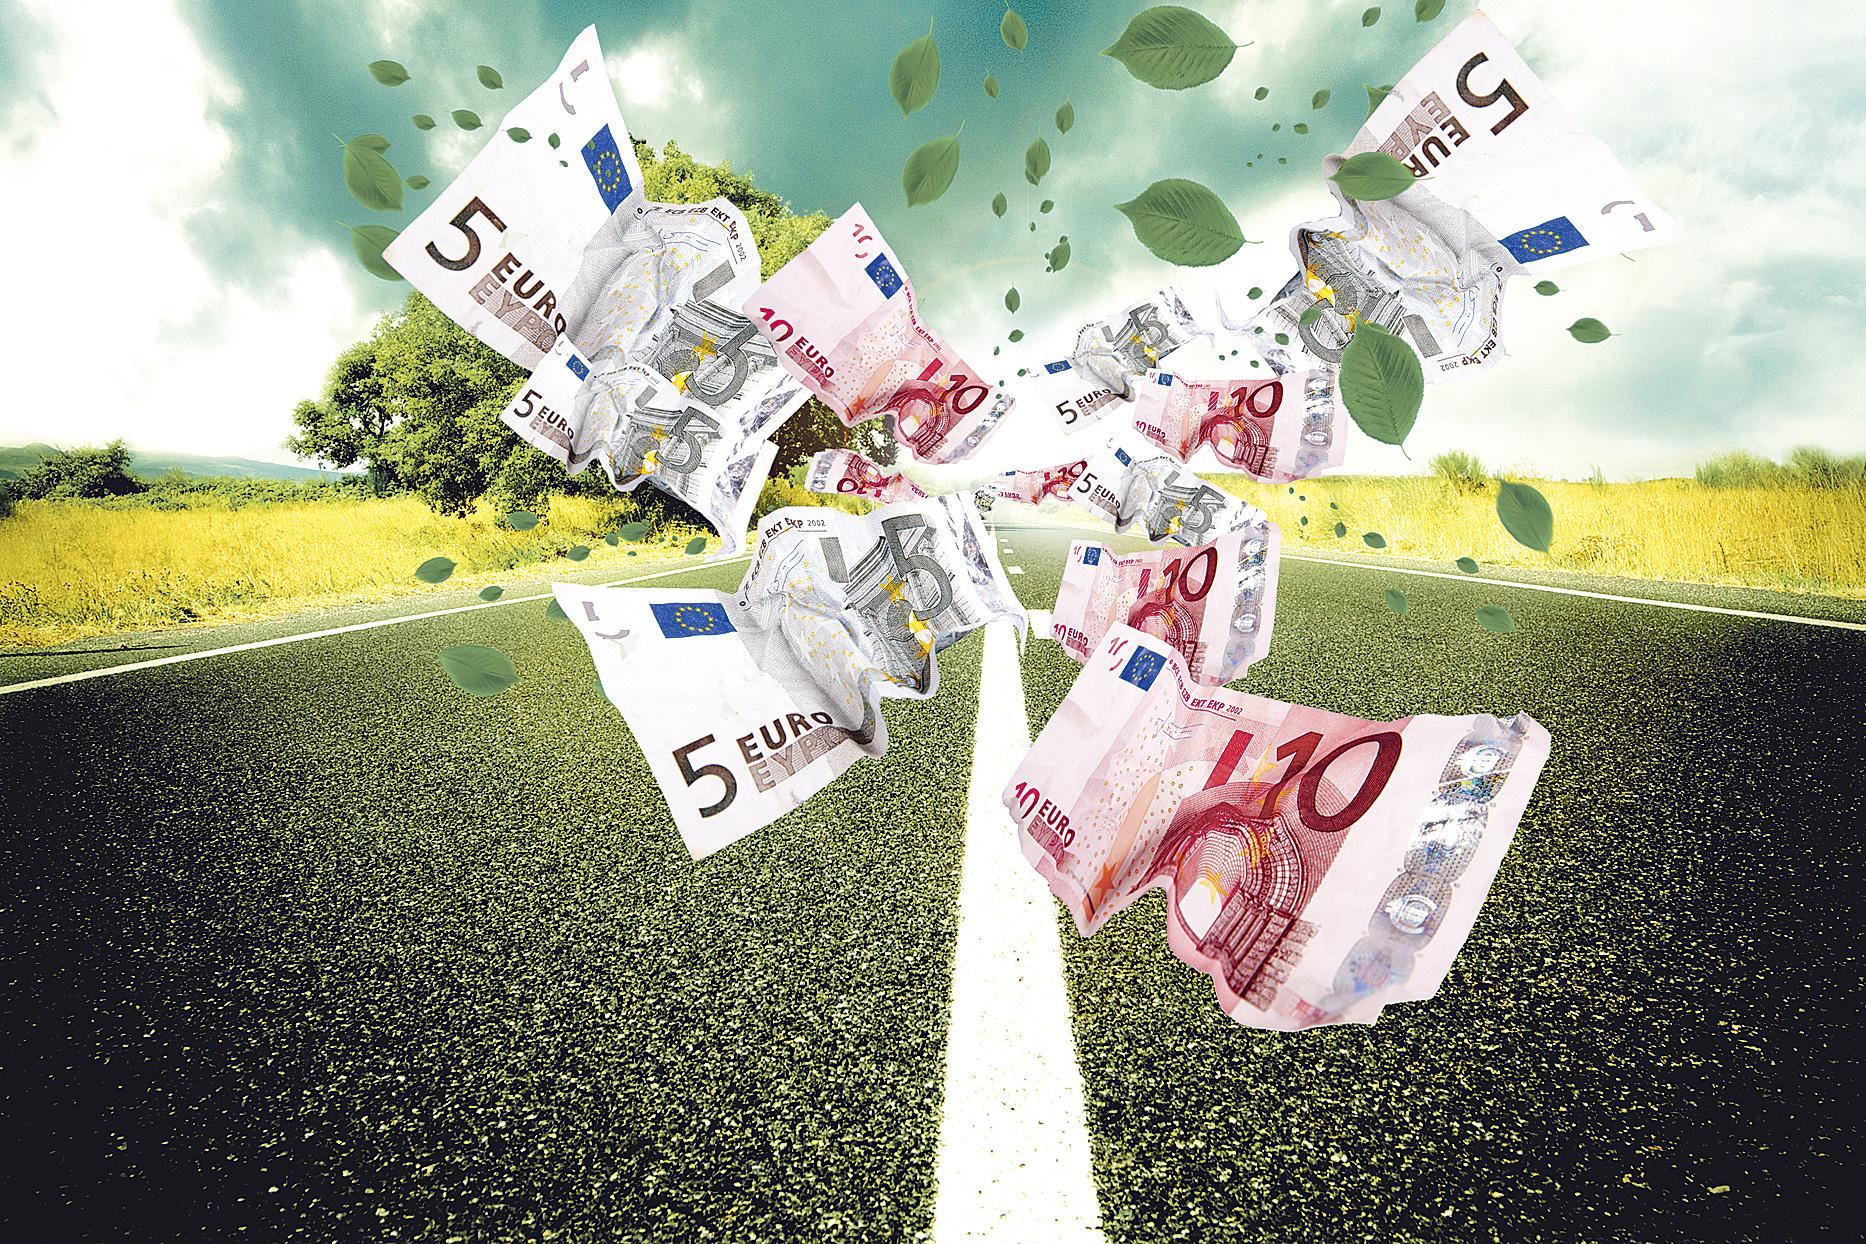 Un nou start ratat la AUTOSTRĂZI pe bani europeni: Cinci piedici majore